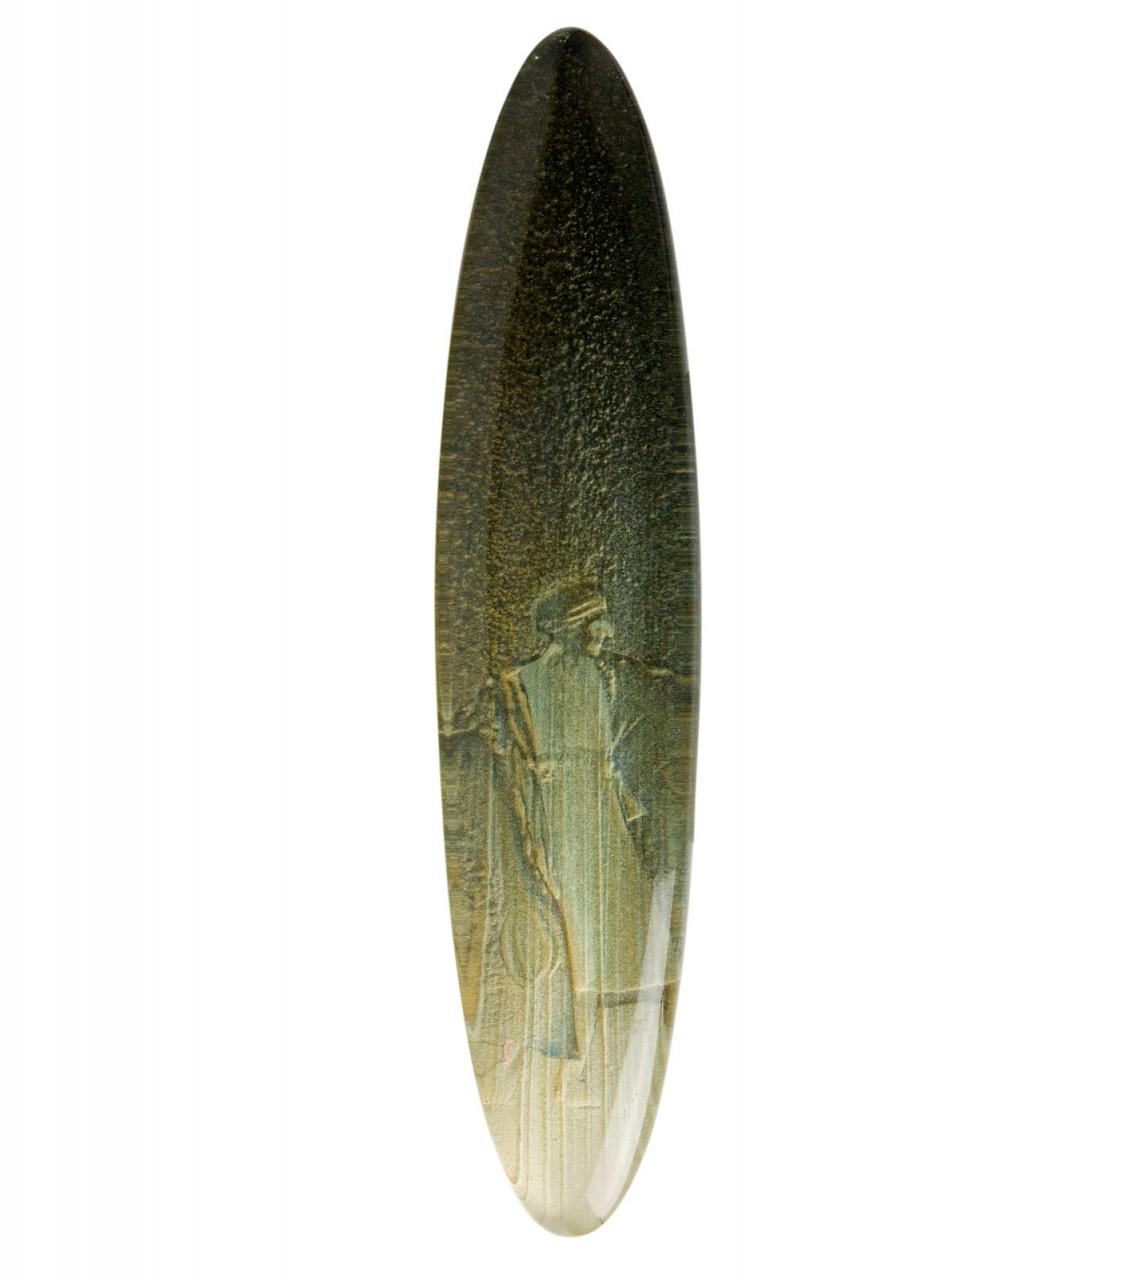 Suzanne 2004 - cm 6x27,5 - acrylic, epoxy glazing